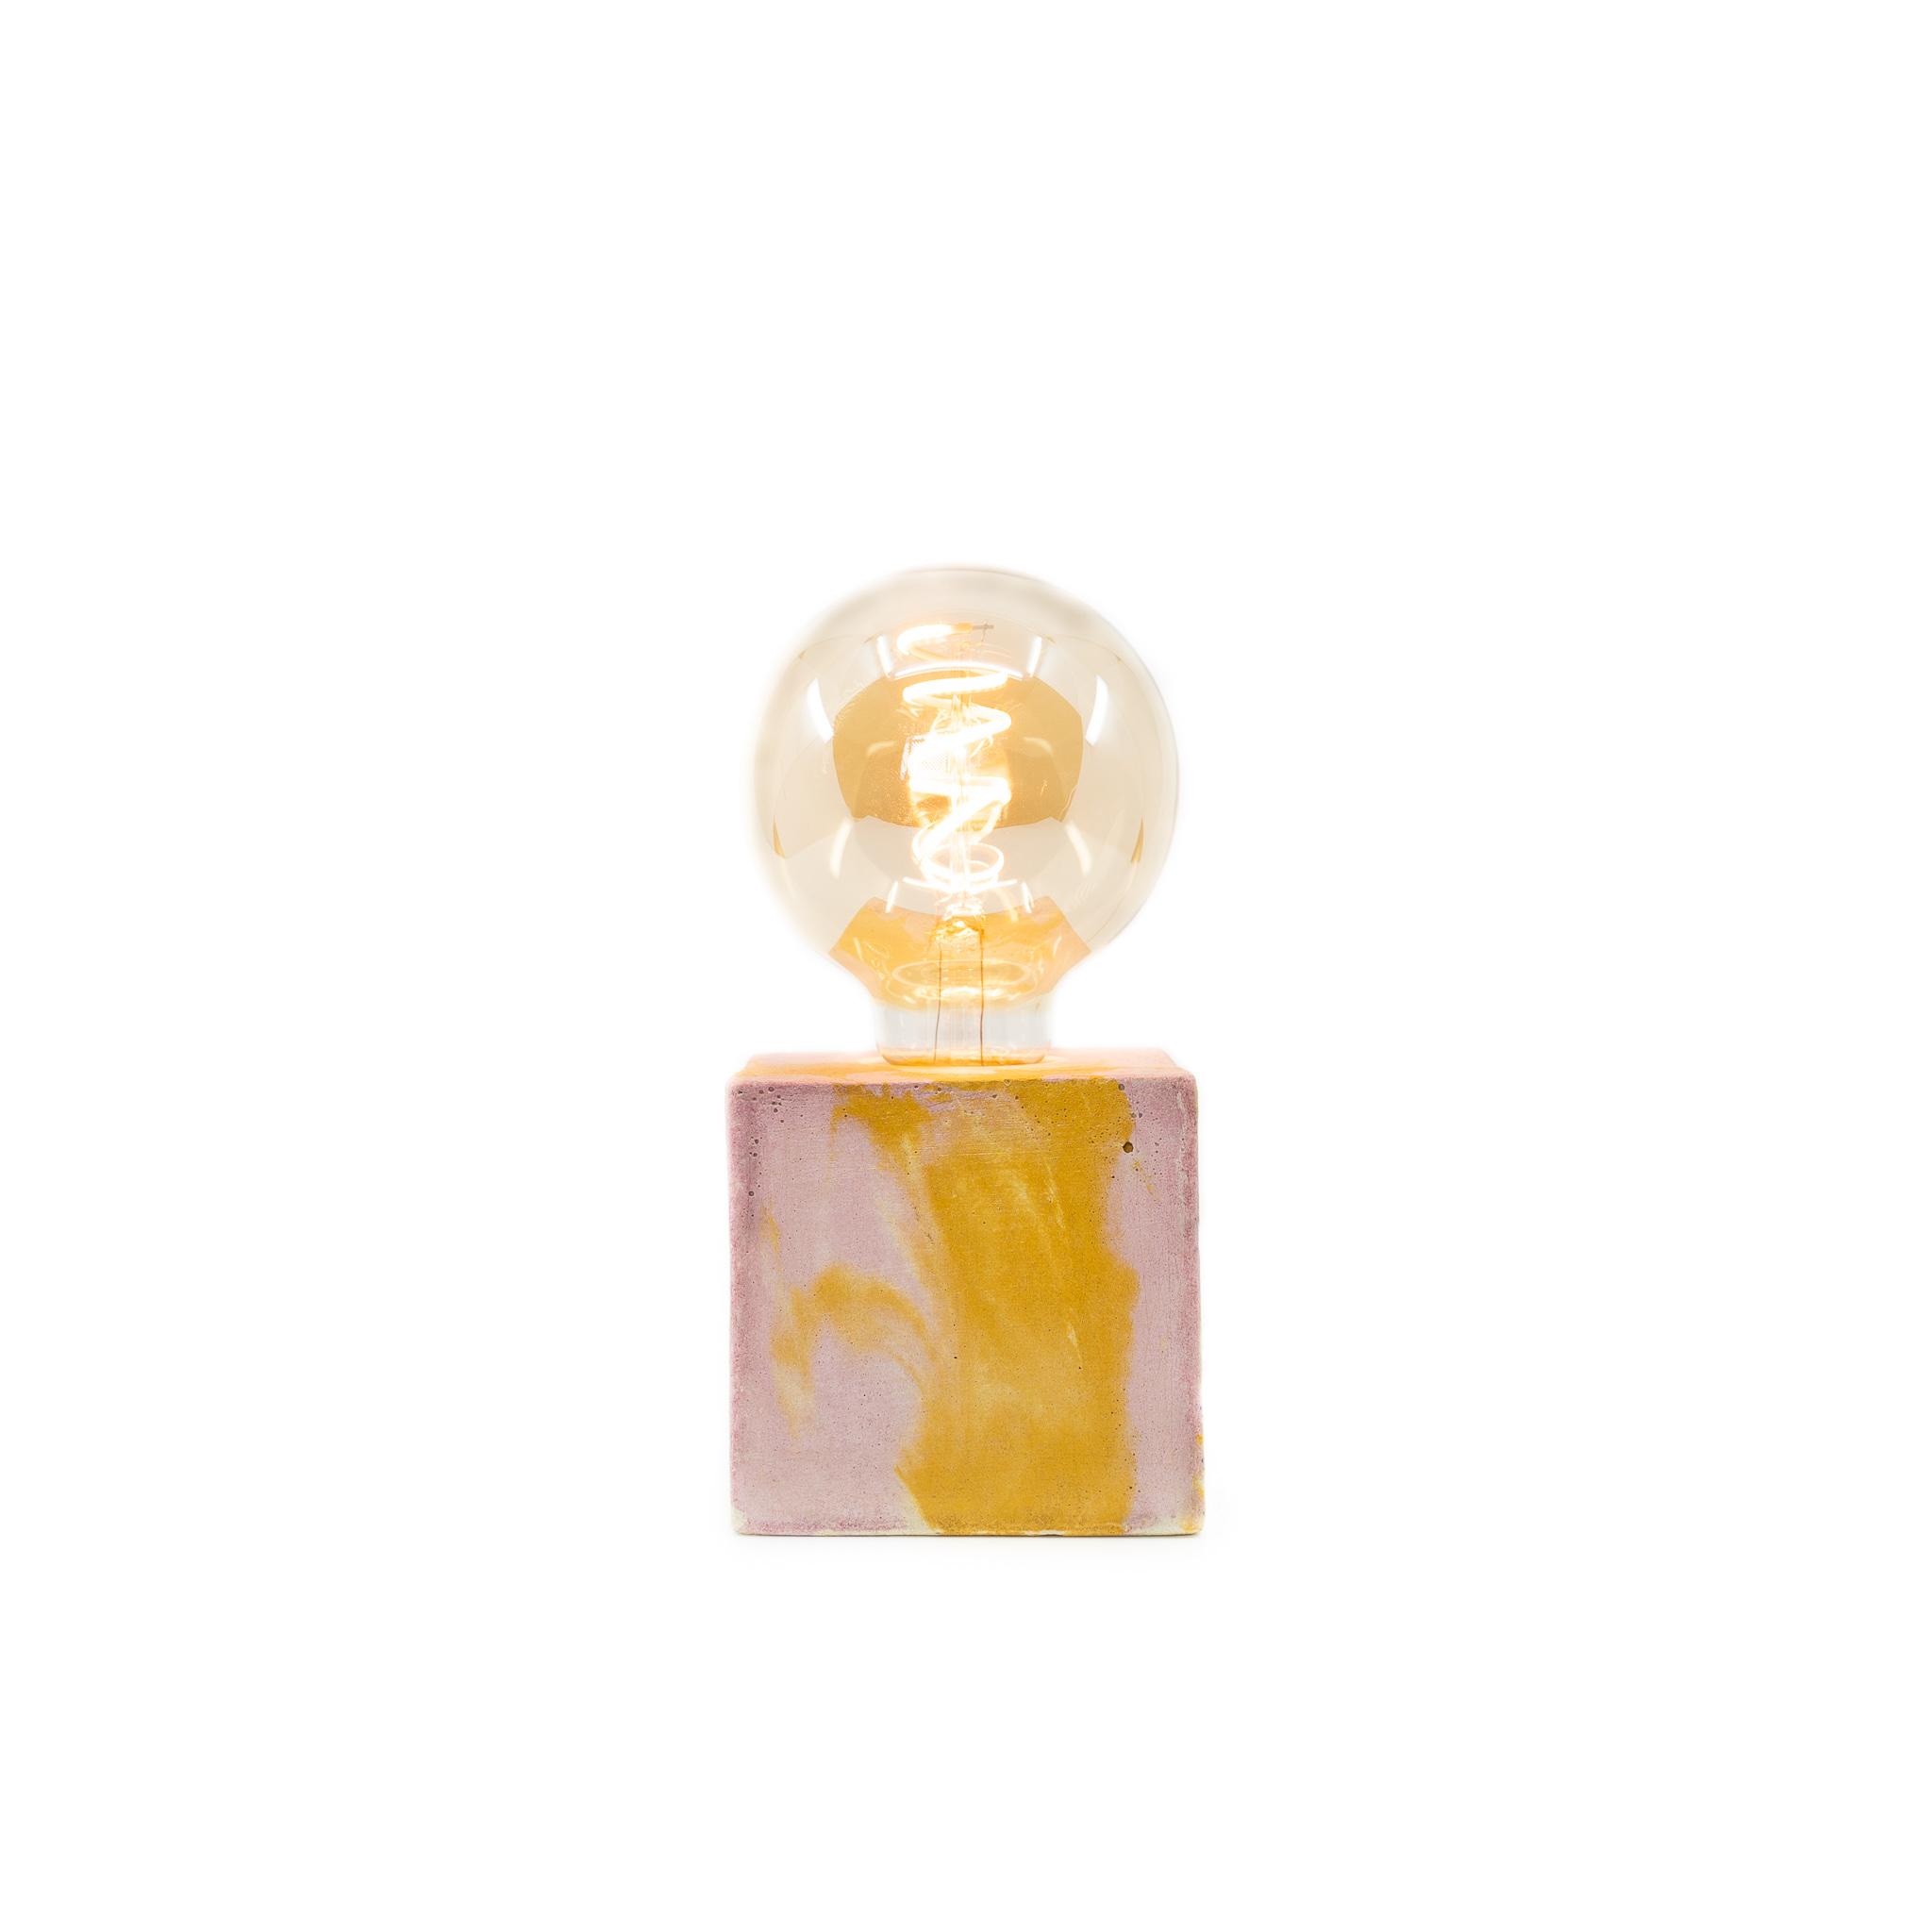 Lampe cube marbré en béton rose & jaune